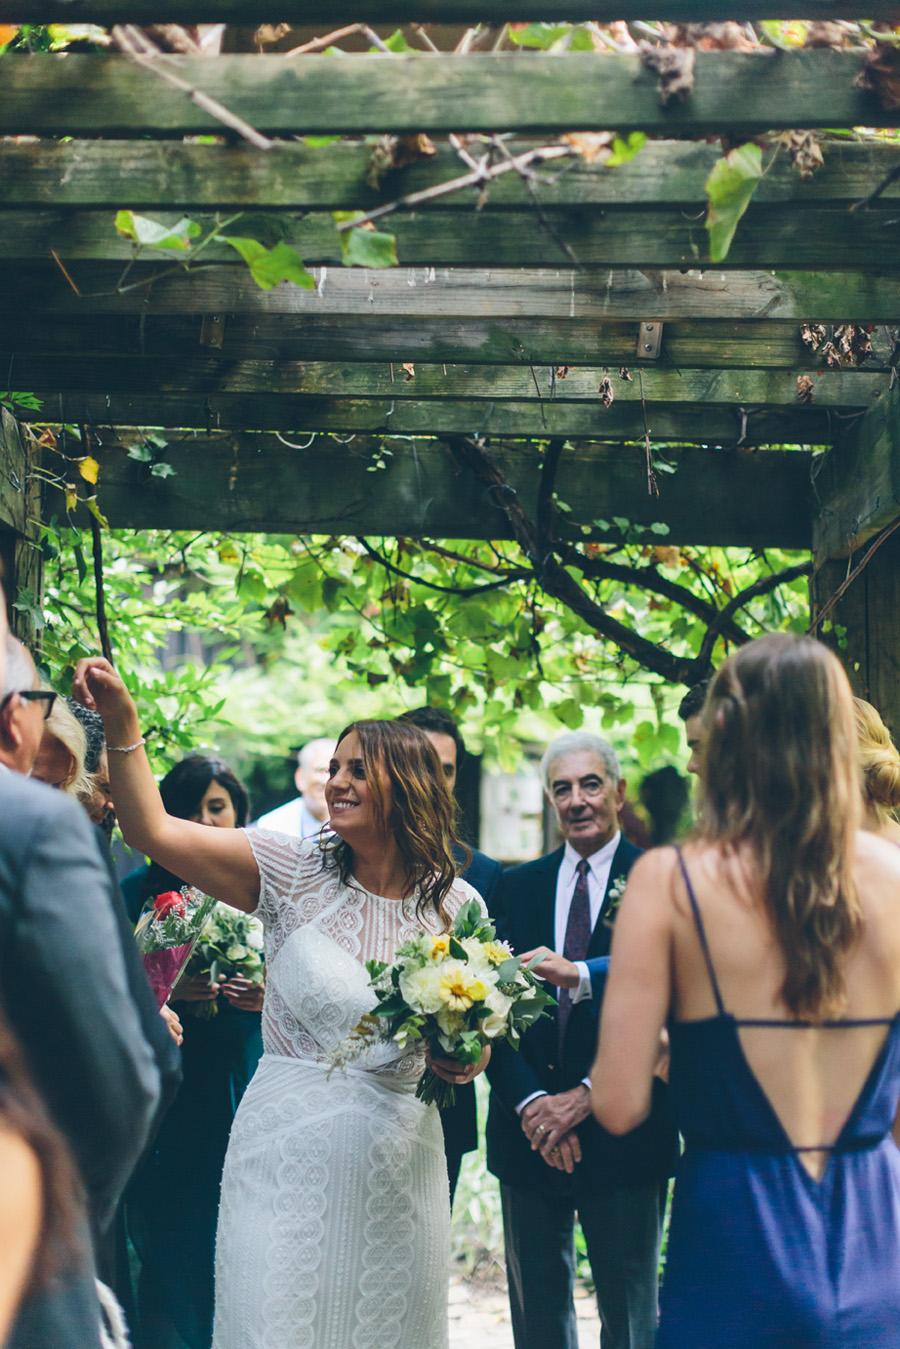 ROSE-BENNETT-NYC-WEDDING-BROOKLYN-CEREMONY-CYNTHIACHUNG-0328.jpg